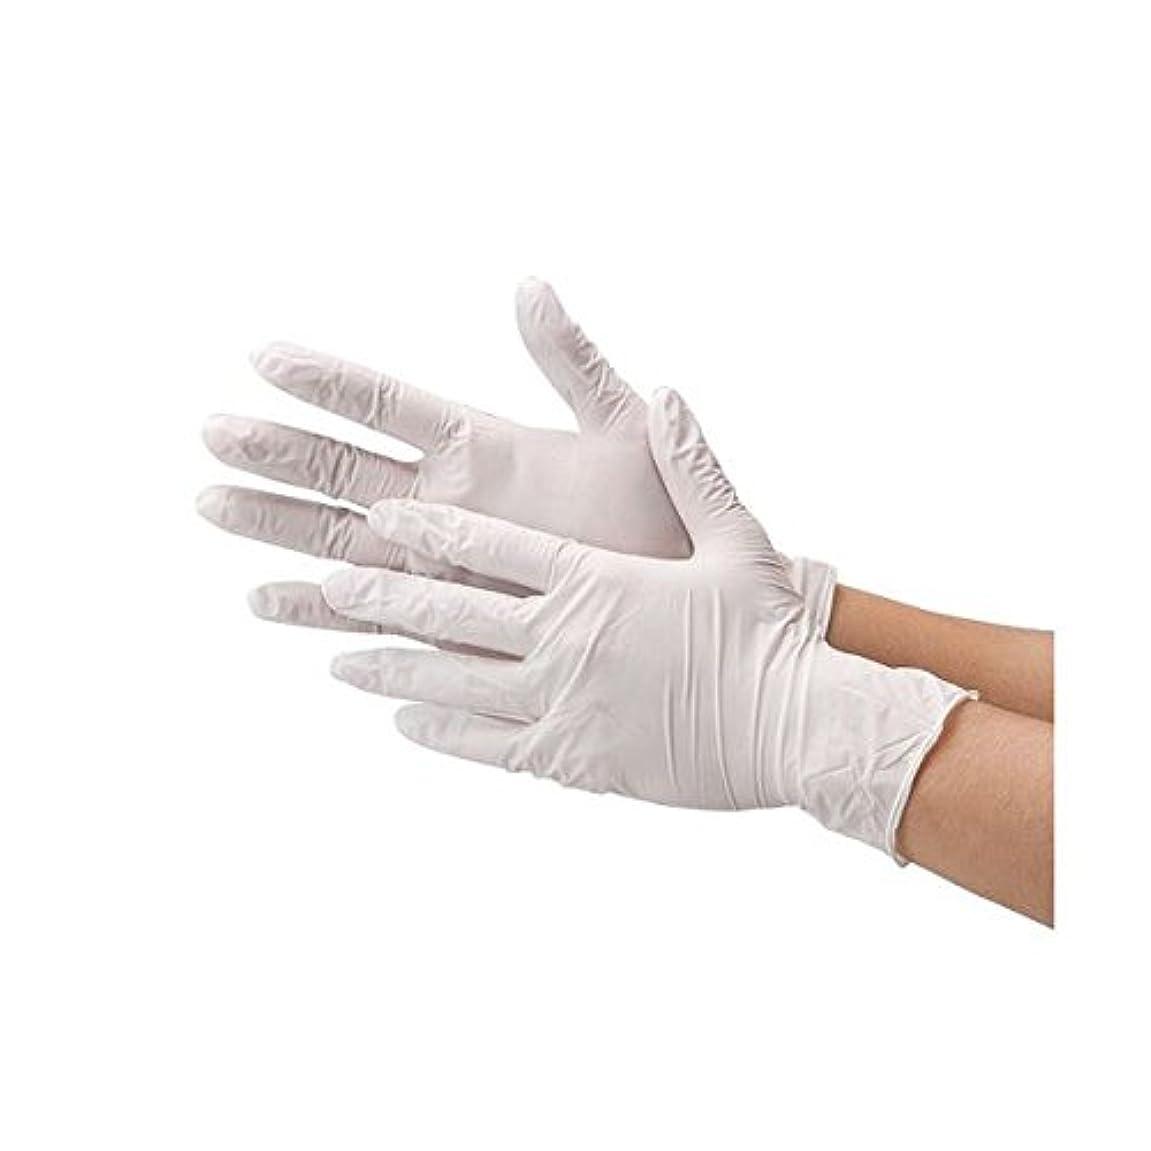 ブローホールいつも最も遠い川西工業 ニトリル極薄手袋 粉なしホワイトS ダイエット 健康 衛生用品 その他の衛生用品 14067381 [並行輸入品]